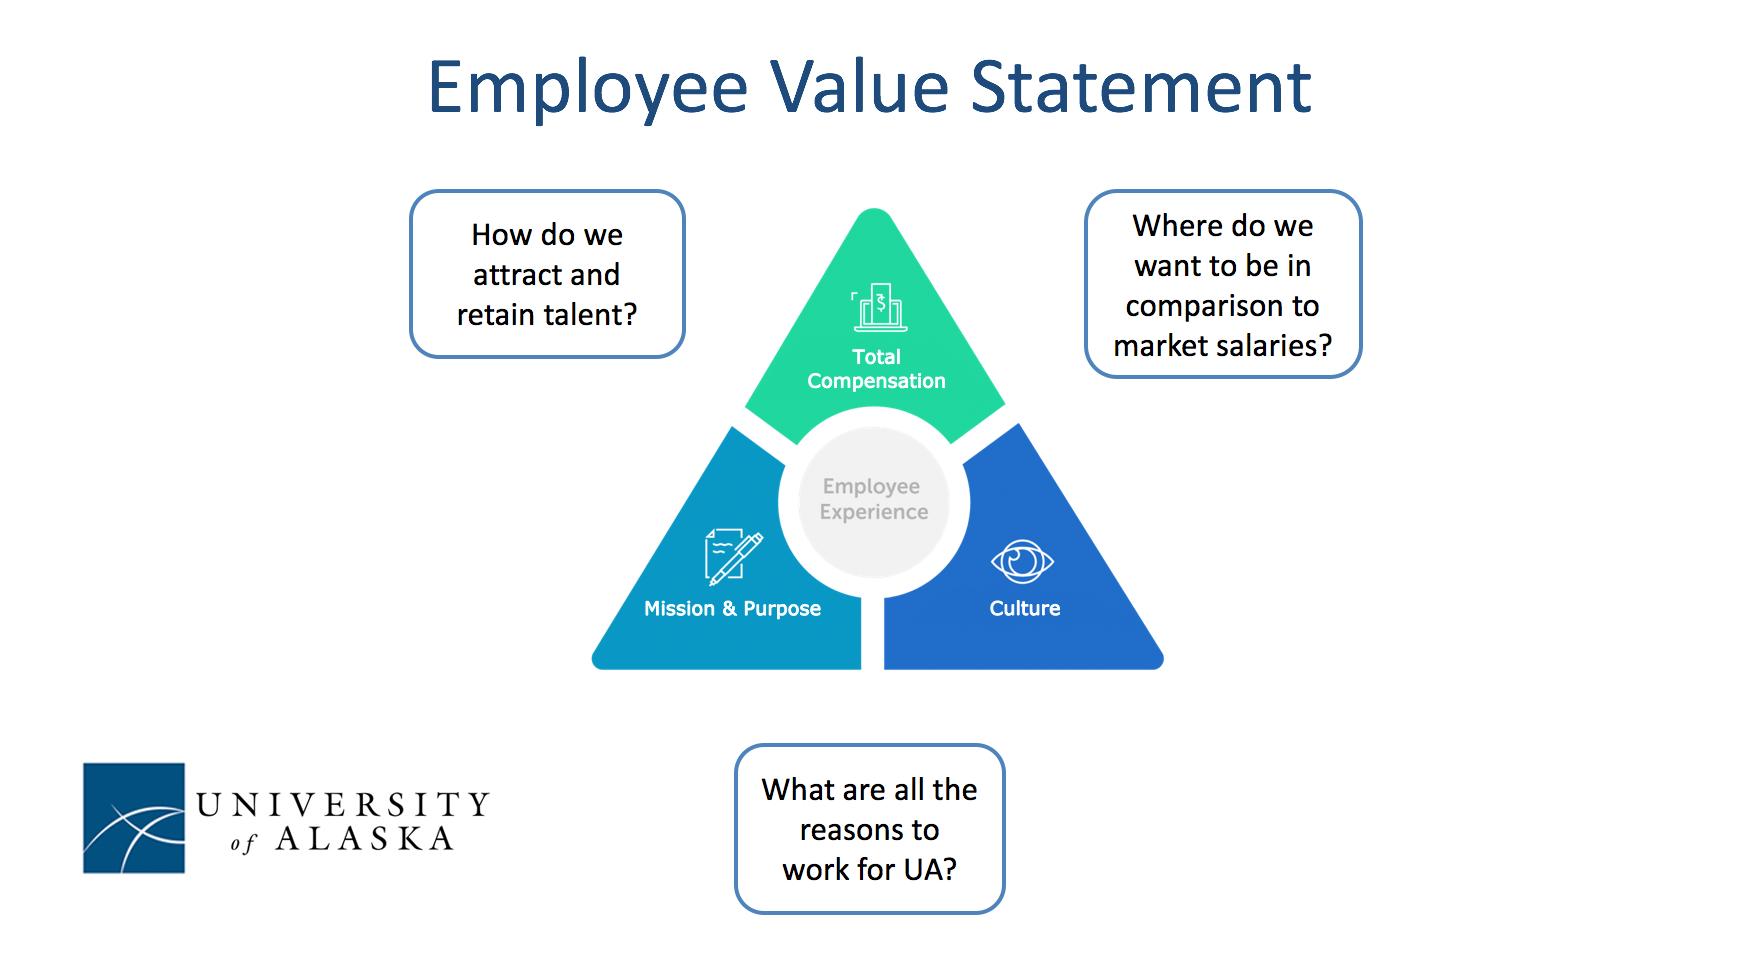 Employee Value Statement